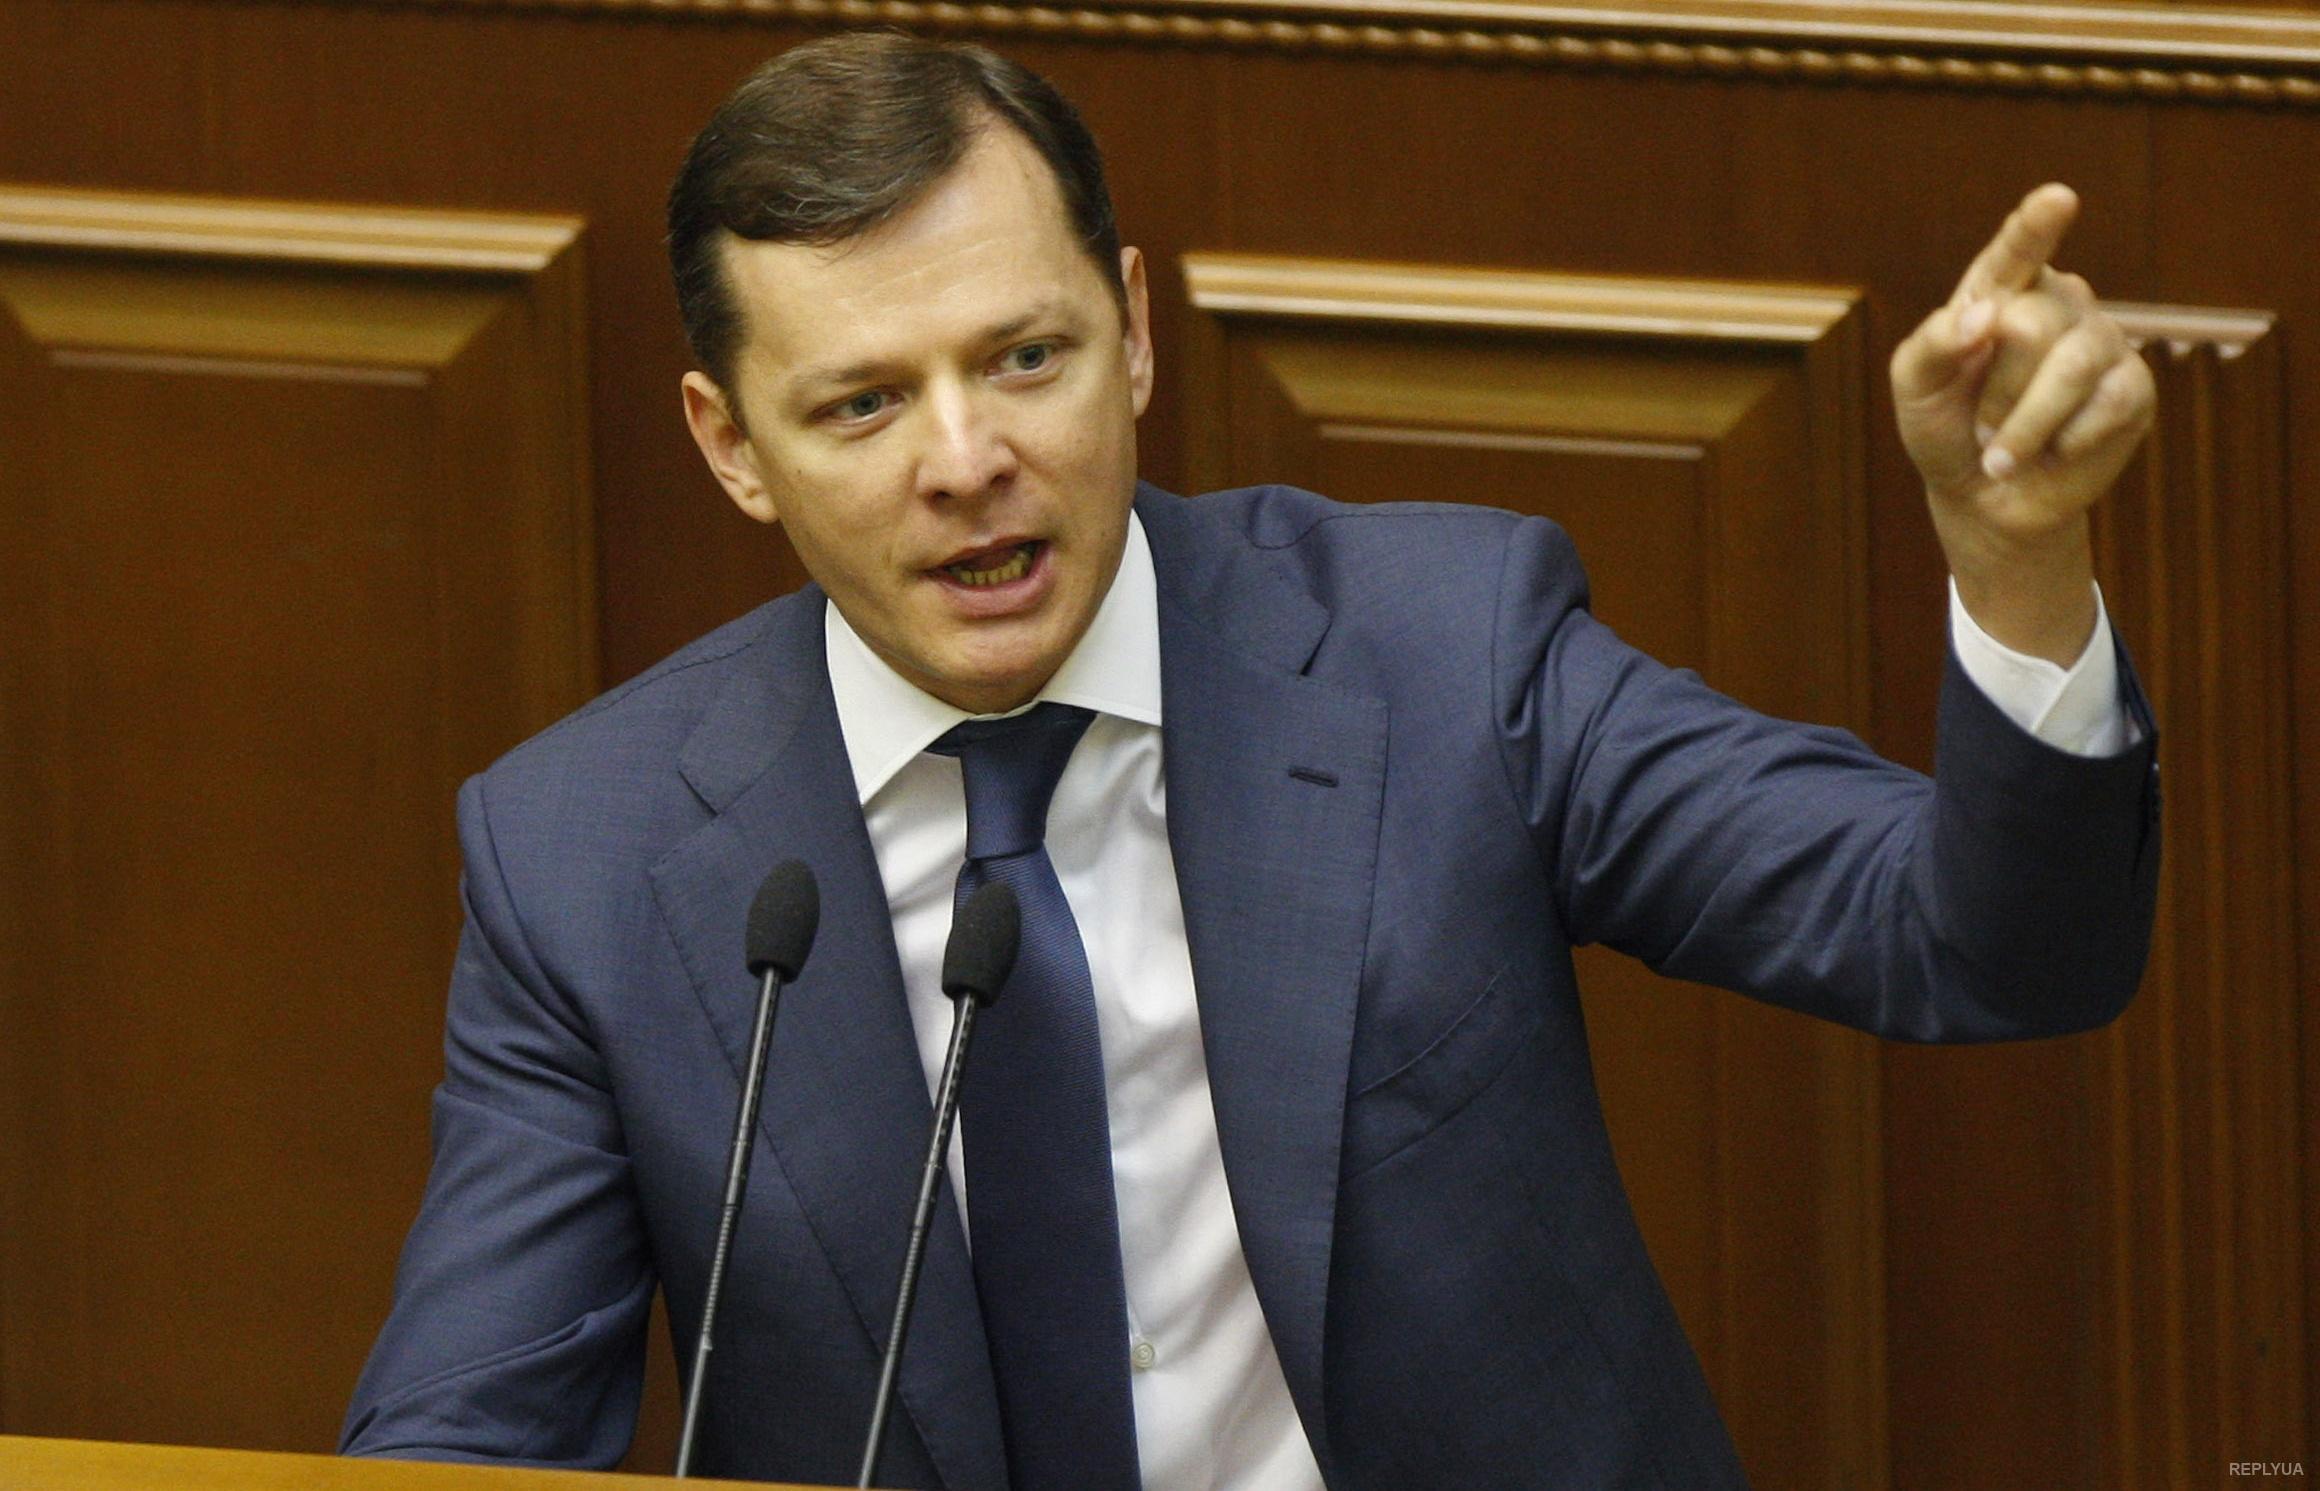 """Невже немає нічого святого? Українців шокувала відверта """"показуха"""" Ляшка на Великдень. Тільки погляньте!"""